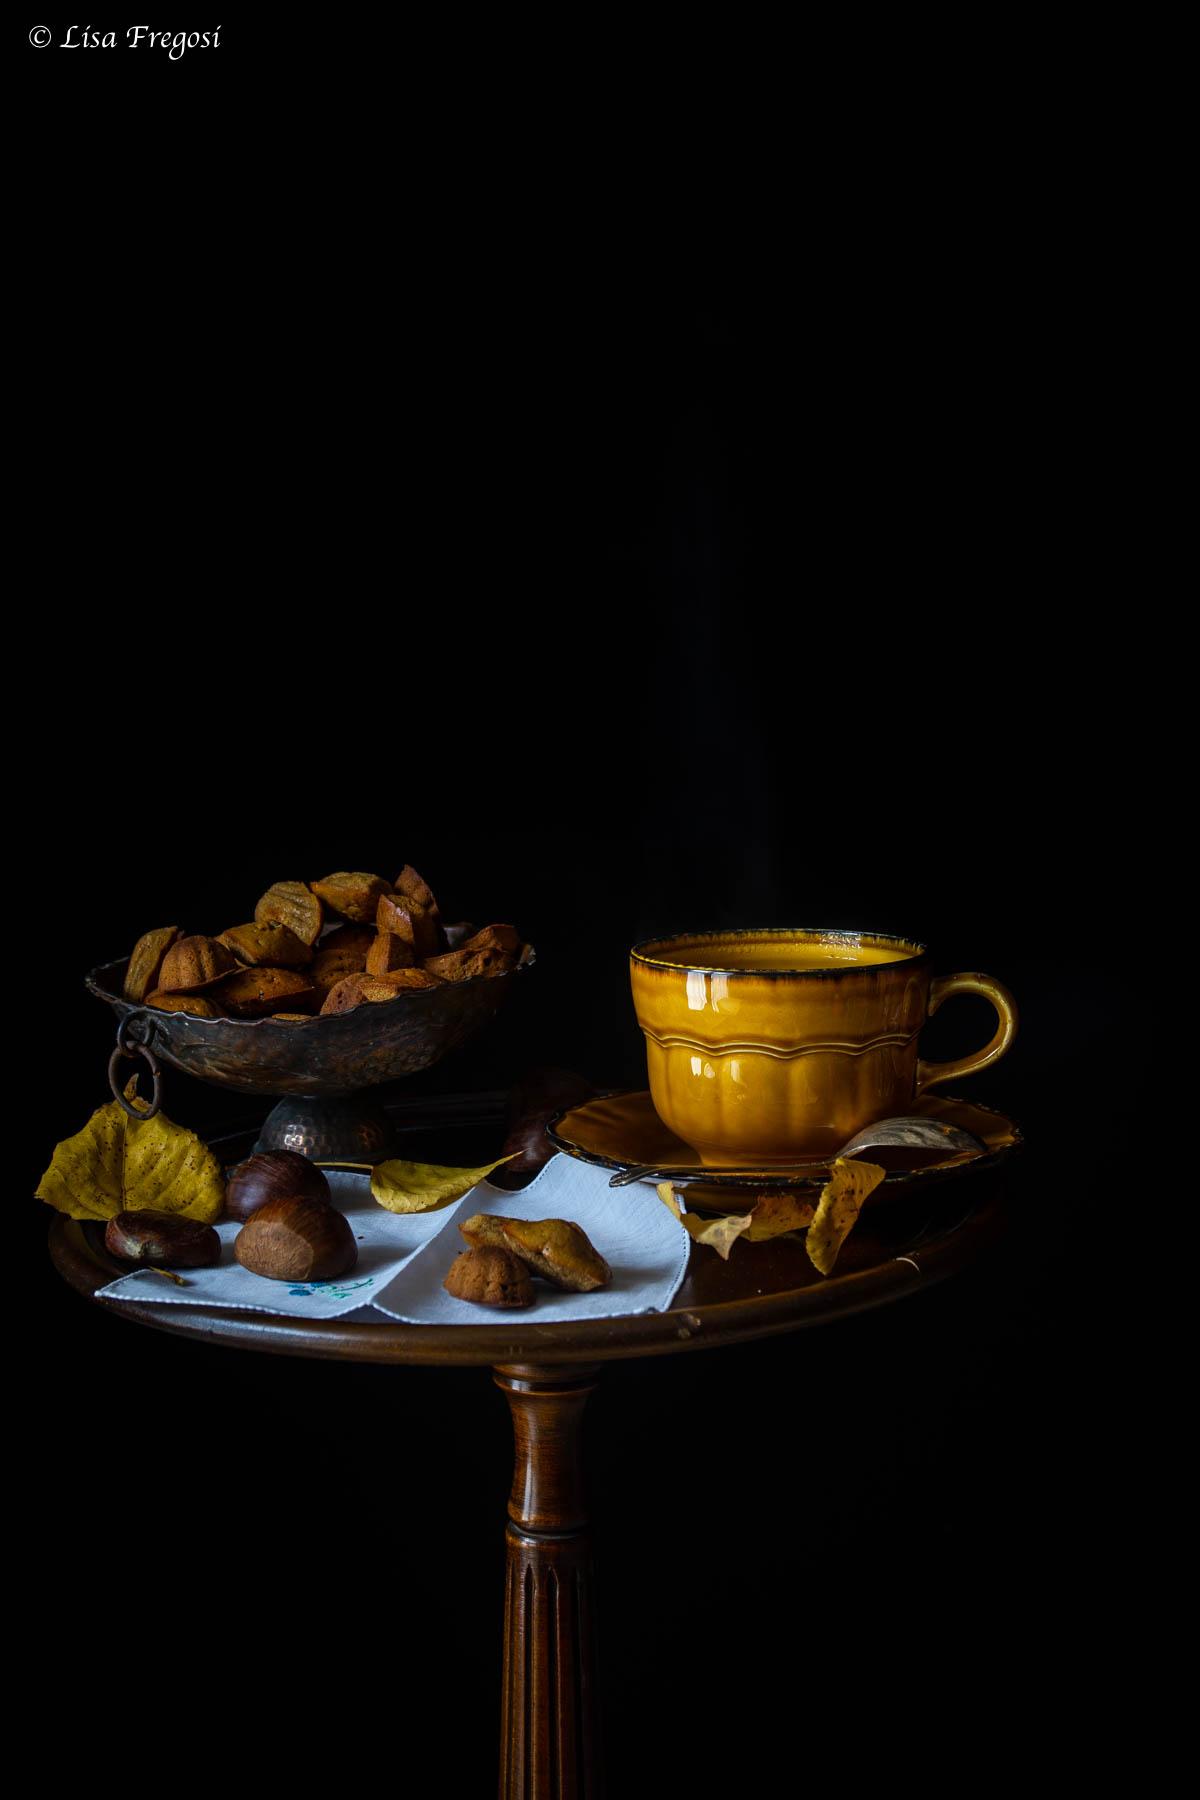 madeleine con farina di castagne e abbinamento con il tè giusto